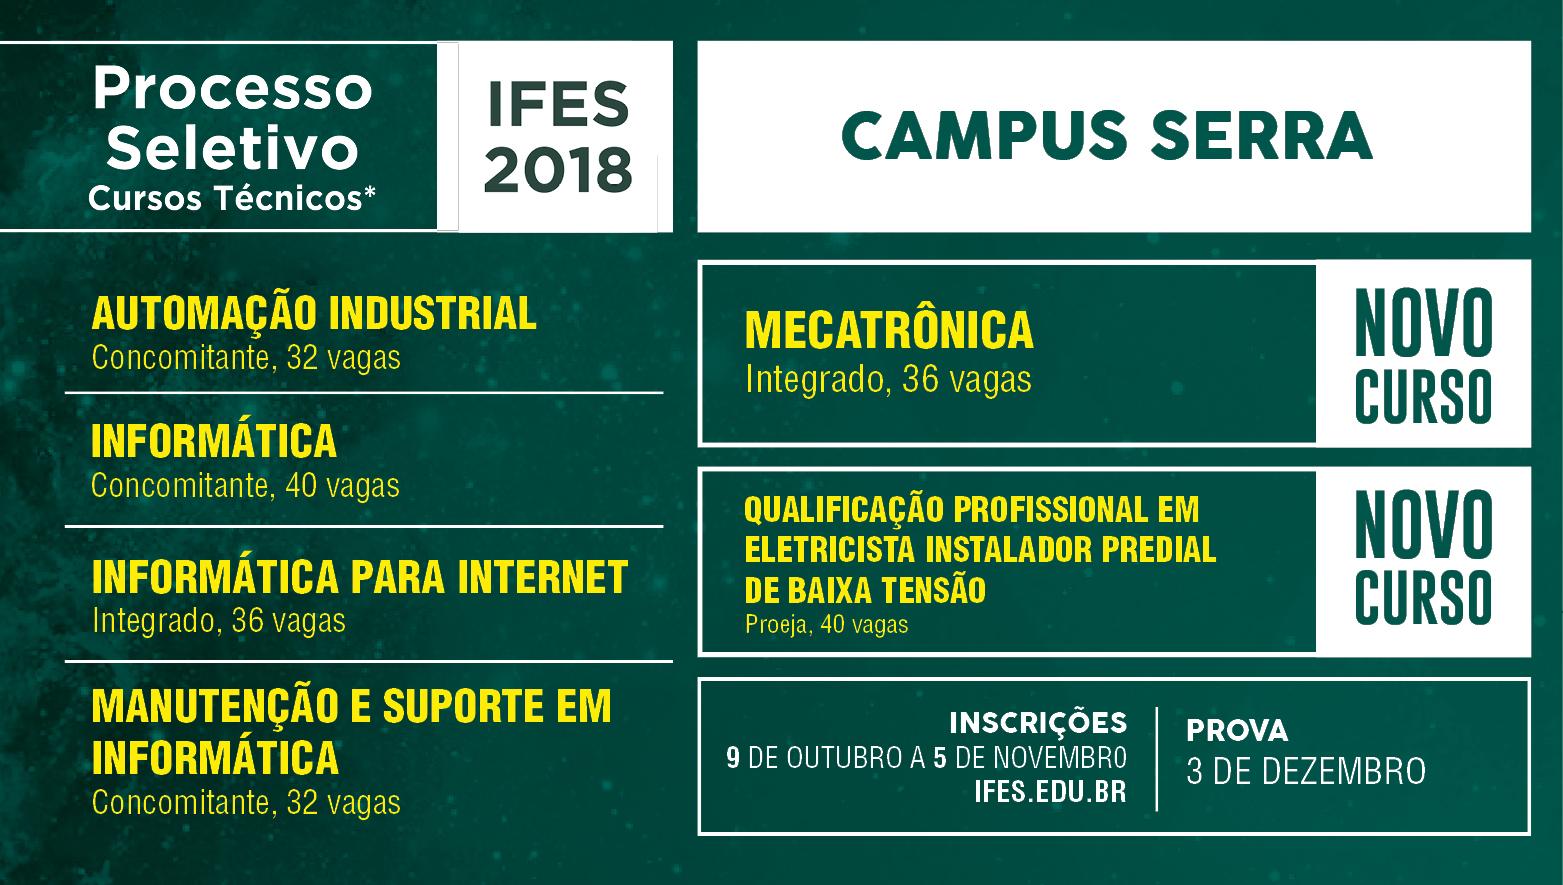 Campus Serra abre vagas em cursos técnicos e de especialização técnica